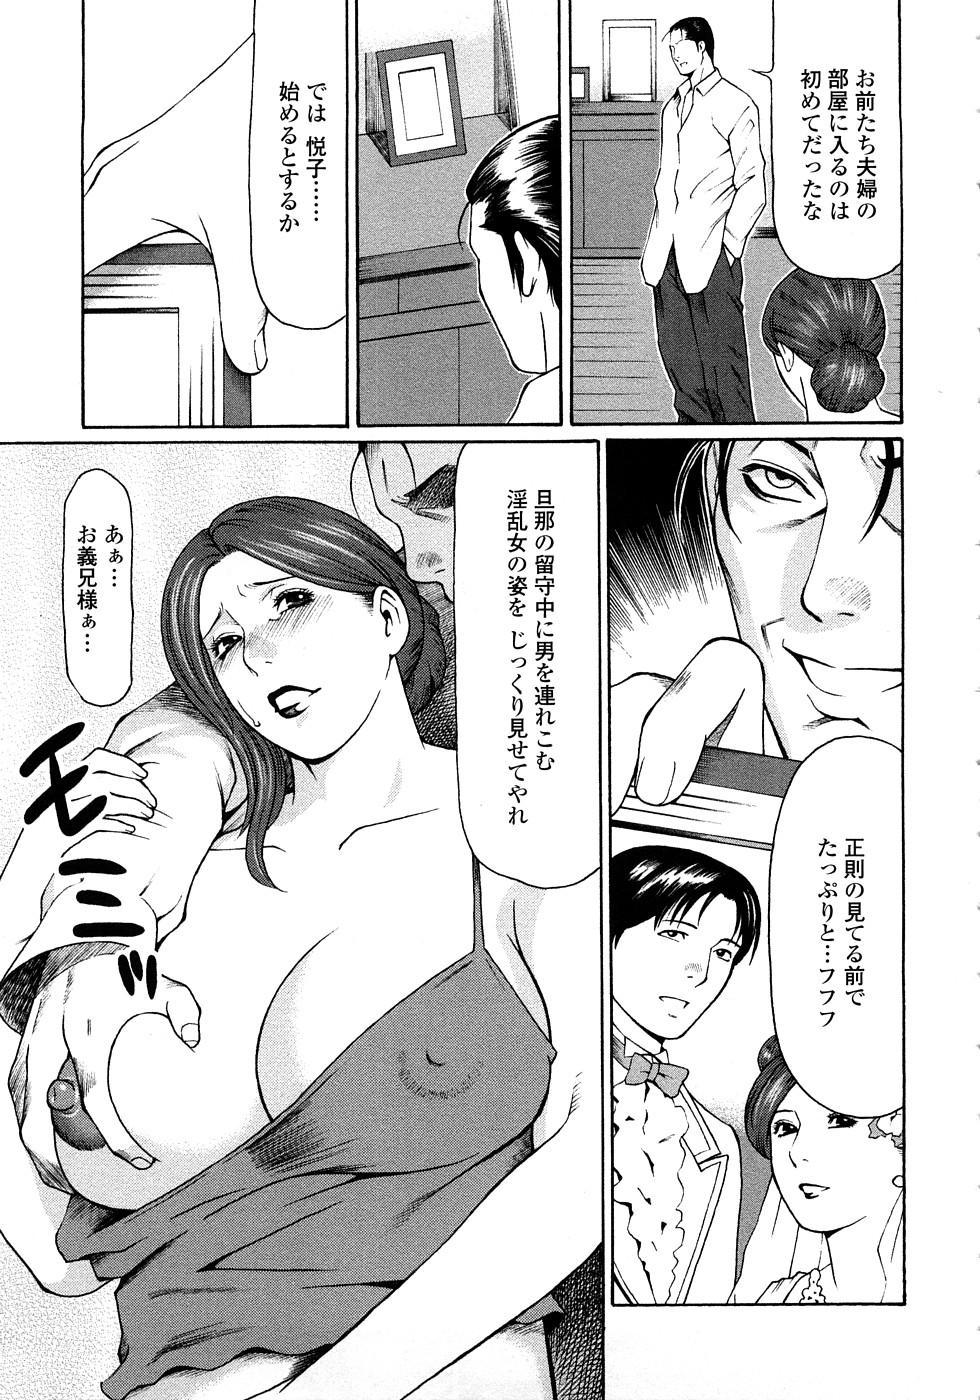 Etsuraku no Tobira - The Door of Sexual Pleasure 153